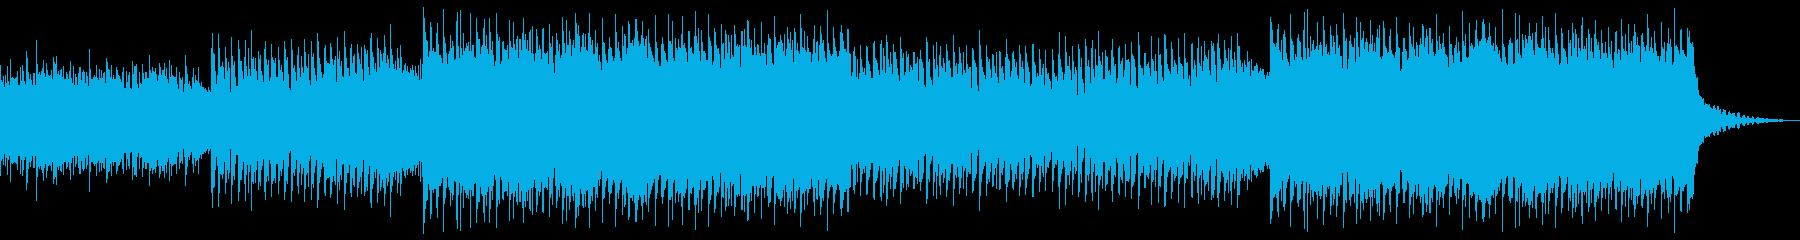 企業VP系102、爽やかギター4つ打ちaの再生済みの波形